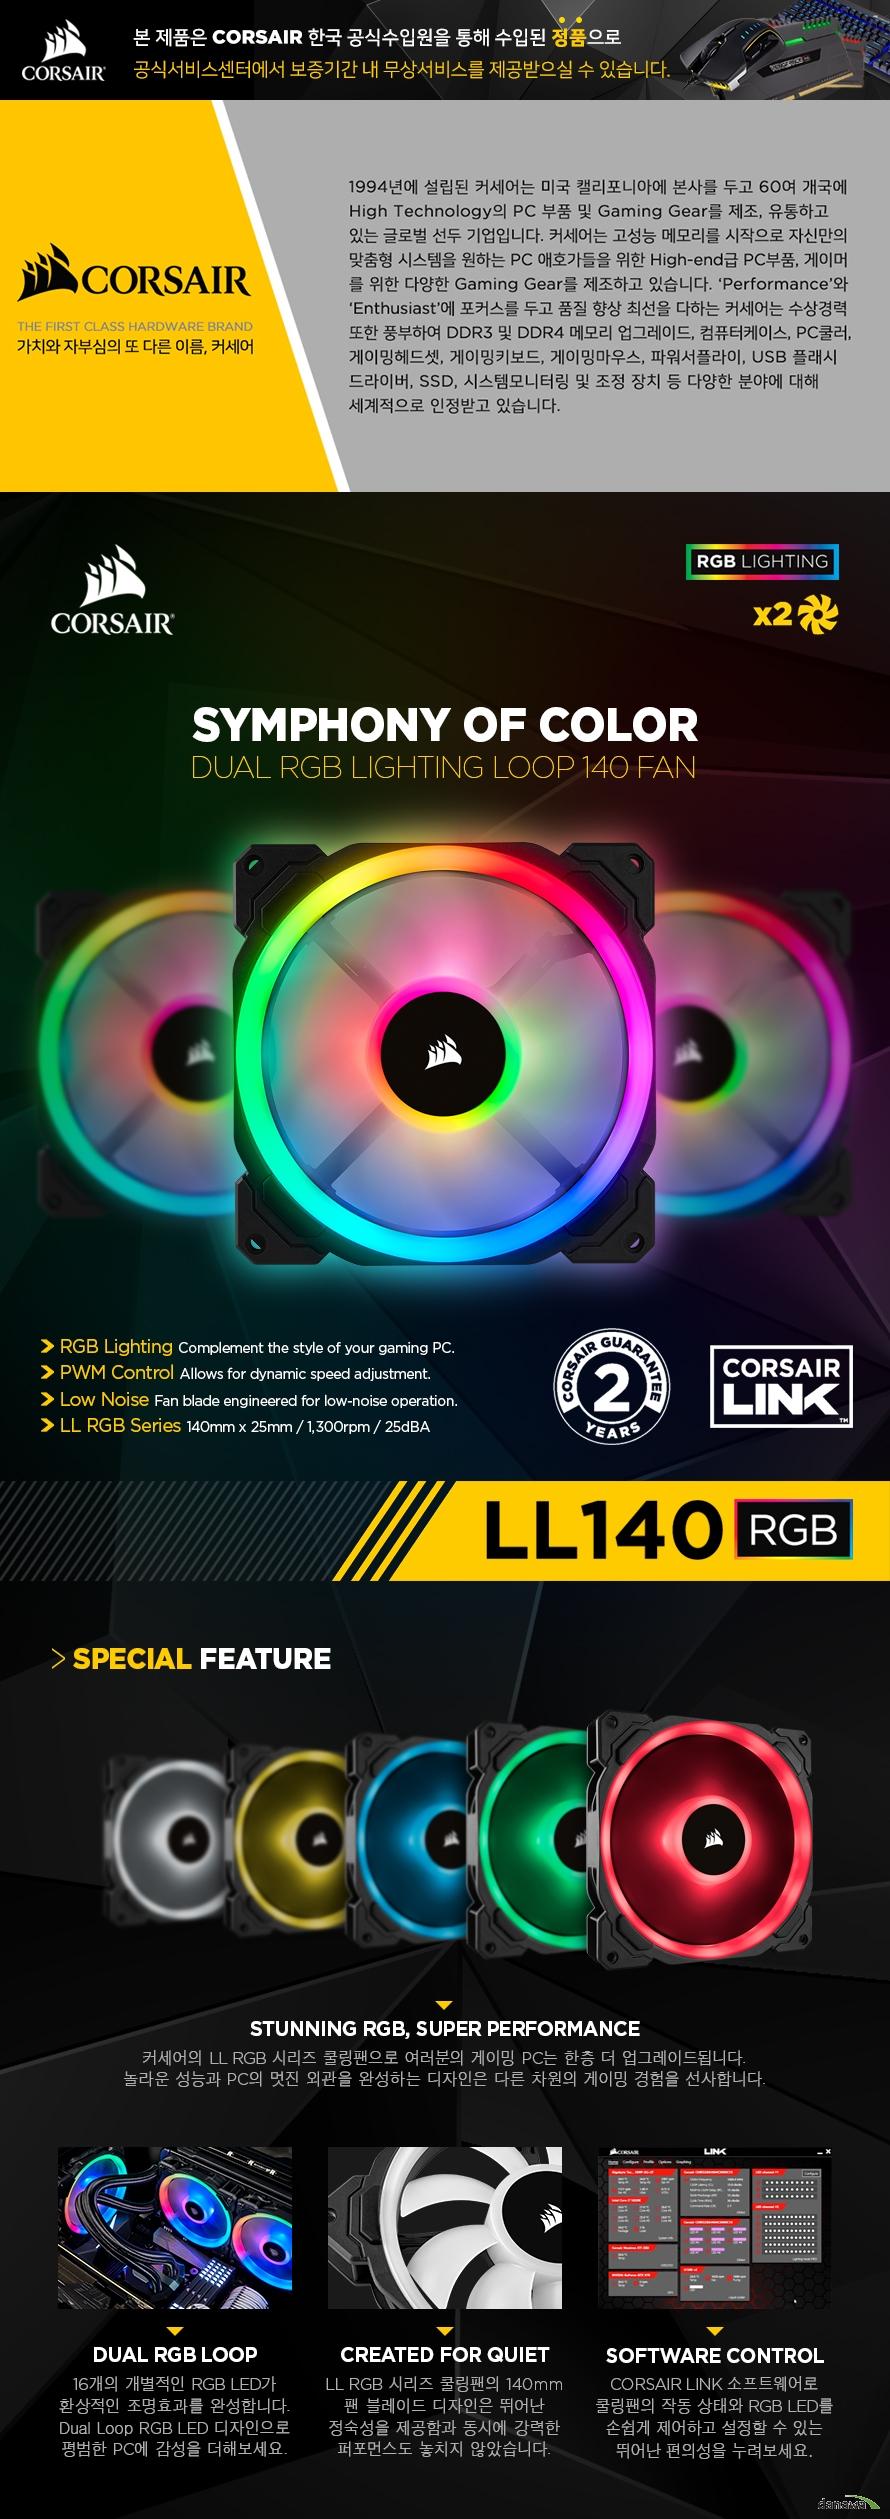 CORSAIR LL 140 RGB 2 pack 커세어의 LL RGB 시리즈 쿨링팬으로 여러분의 게이밍 PC는 한층 더 업그레이드됩니다. 놀라운 성능과 PC의 멋진 외관을 완성하는 디자인은 다른 차원의 게이밍 경험을 선사합니다.